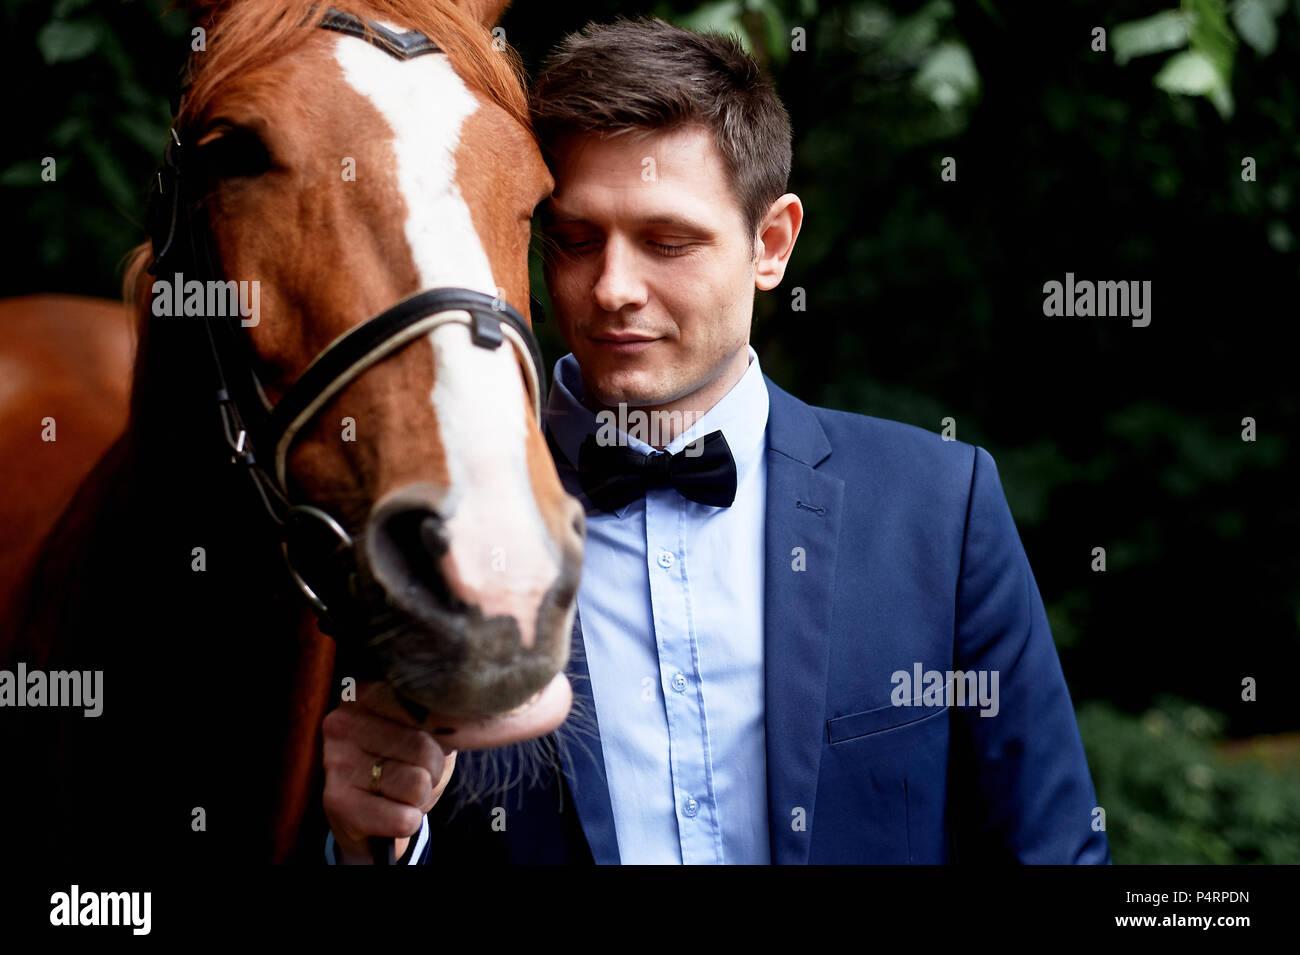 Hochzeit romantischen Spaziergang von Braut und Bräutigam. Braunes Pferd. Portrait von Bräutigam Stockbild